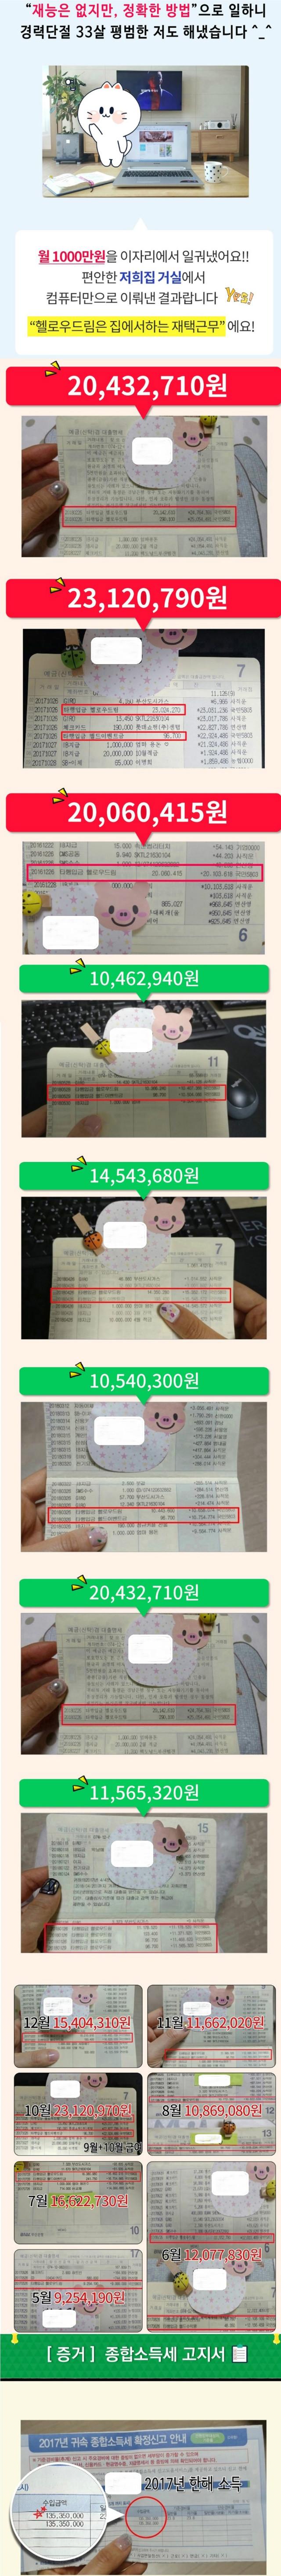 박미희 220520 박규림2.jpg